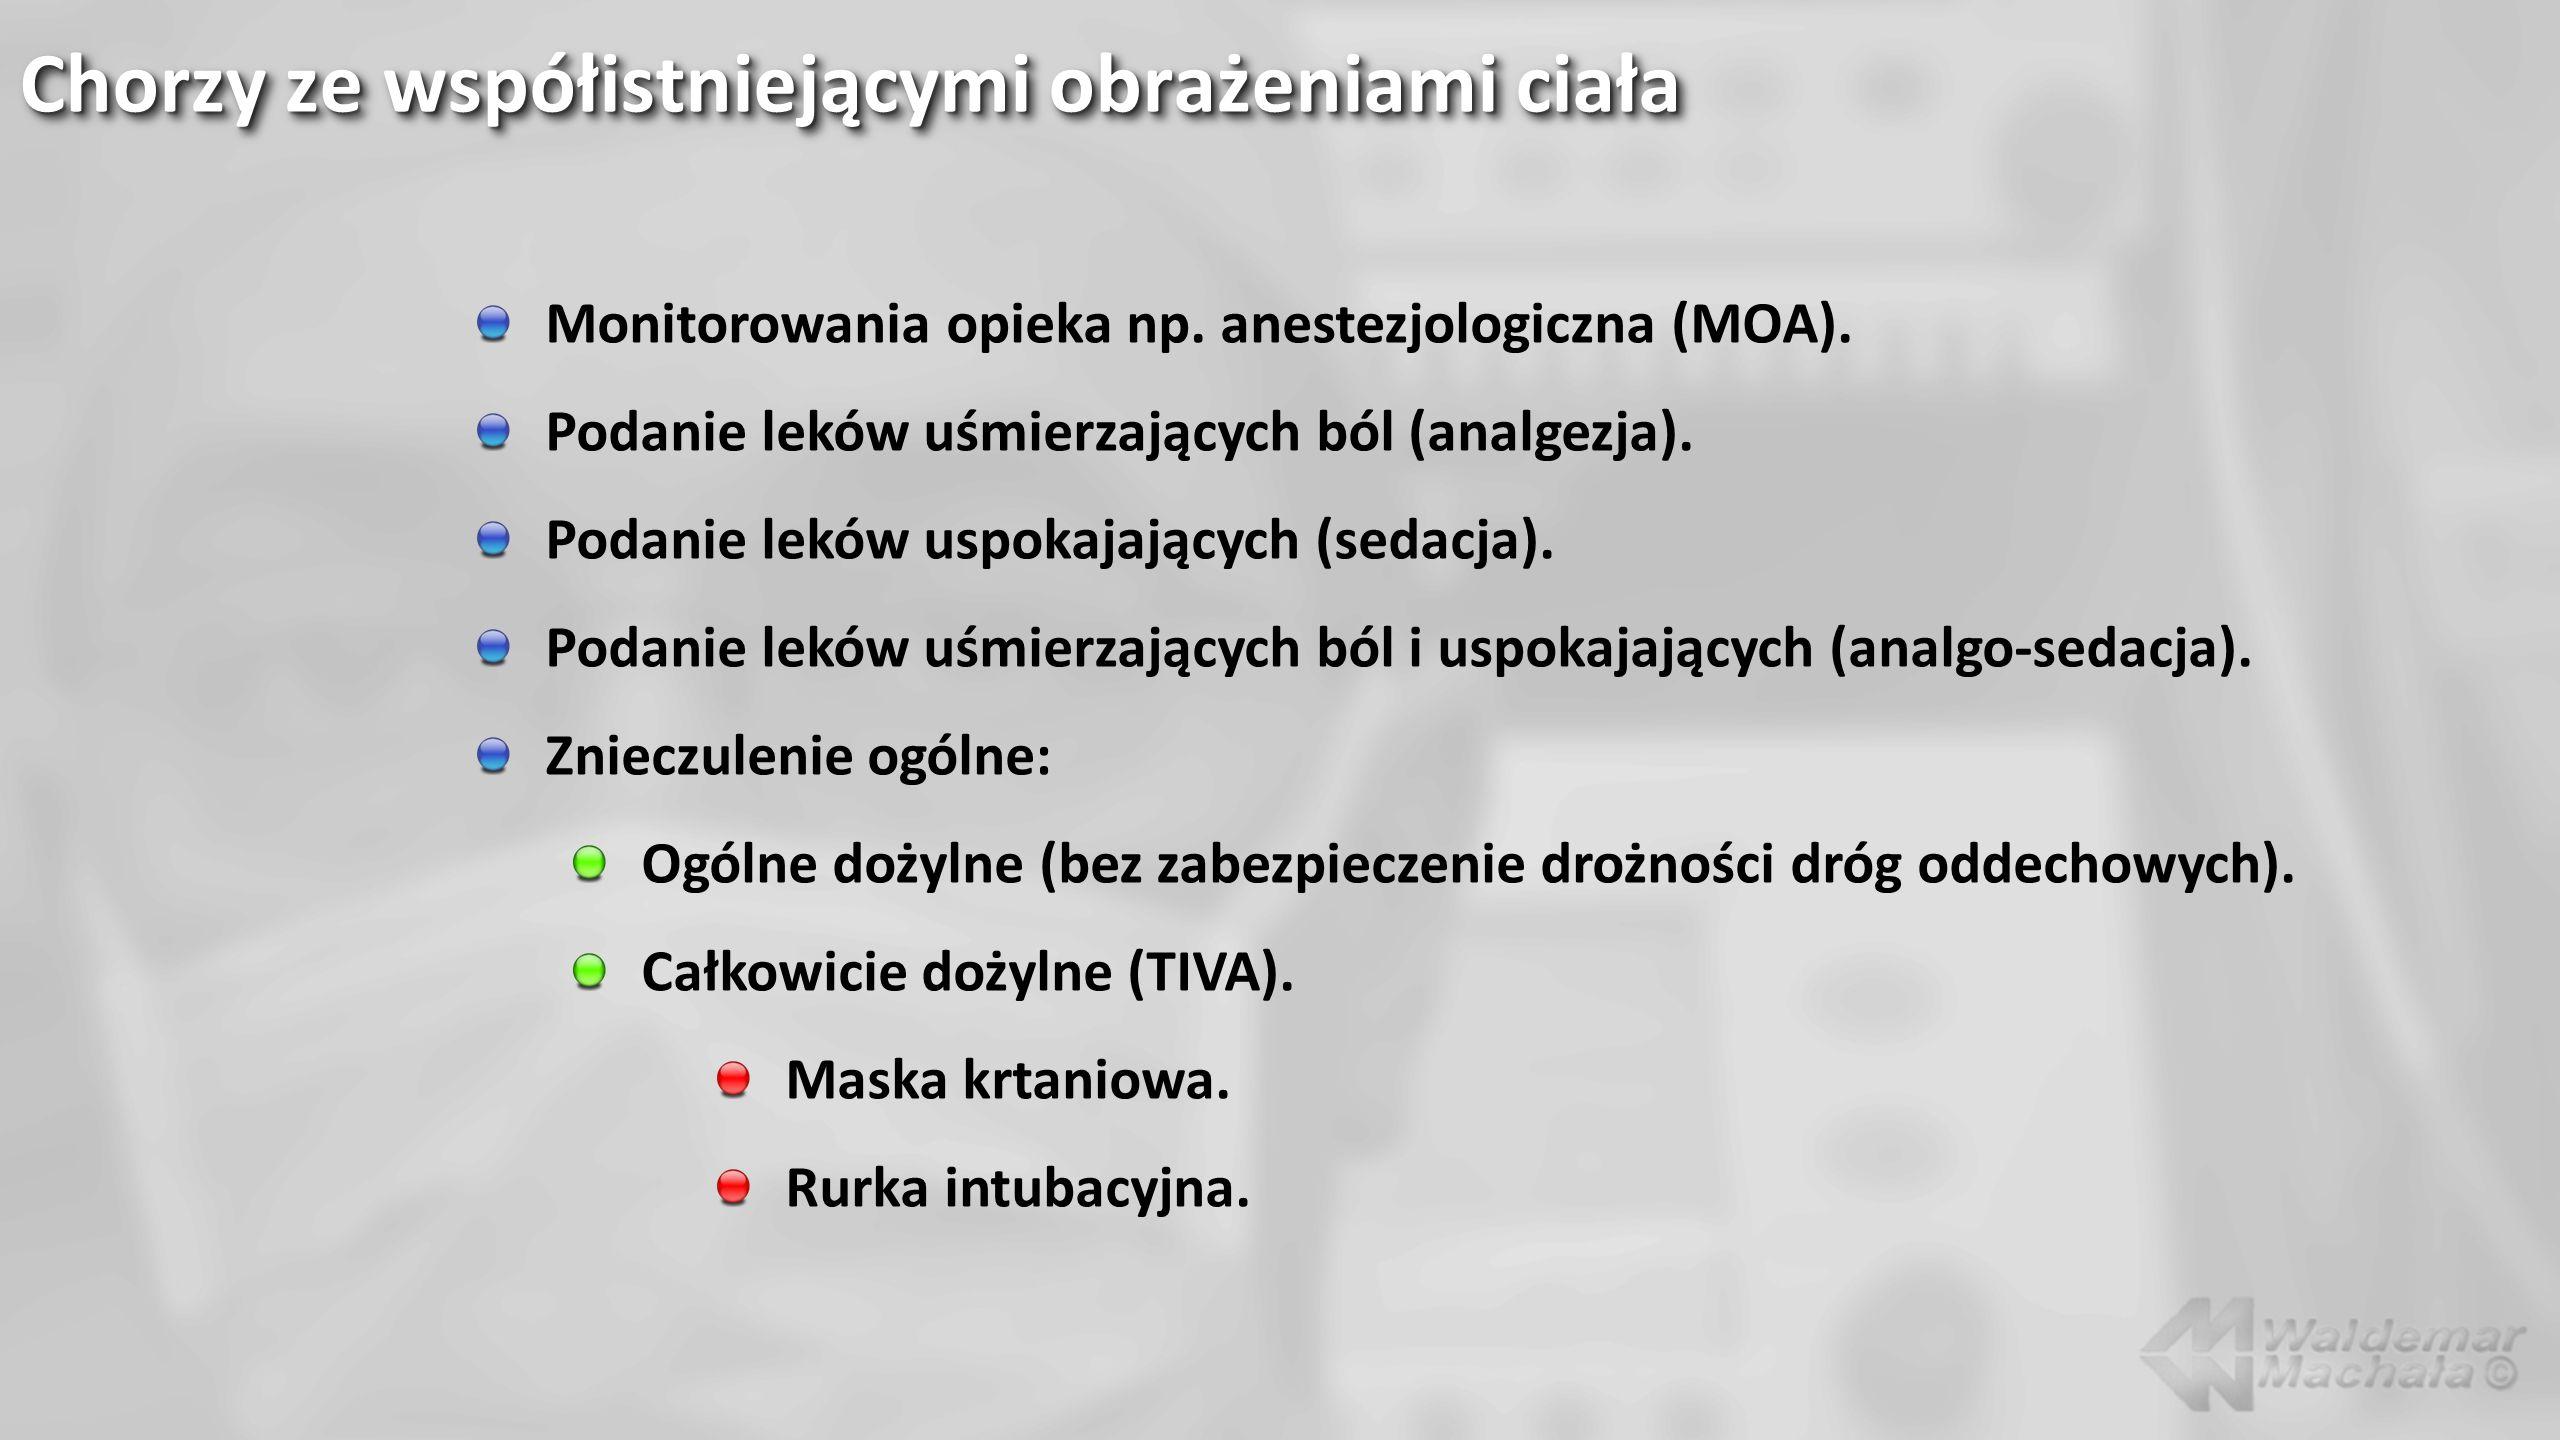 Uśmierzenie bólu i sedacja w warunkach szpitalnych - Polski Szpital Polowy – White Eagle Medical Support Group - Wojsko Polskie.